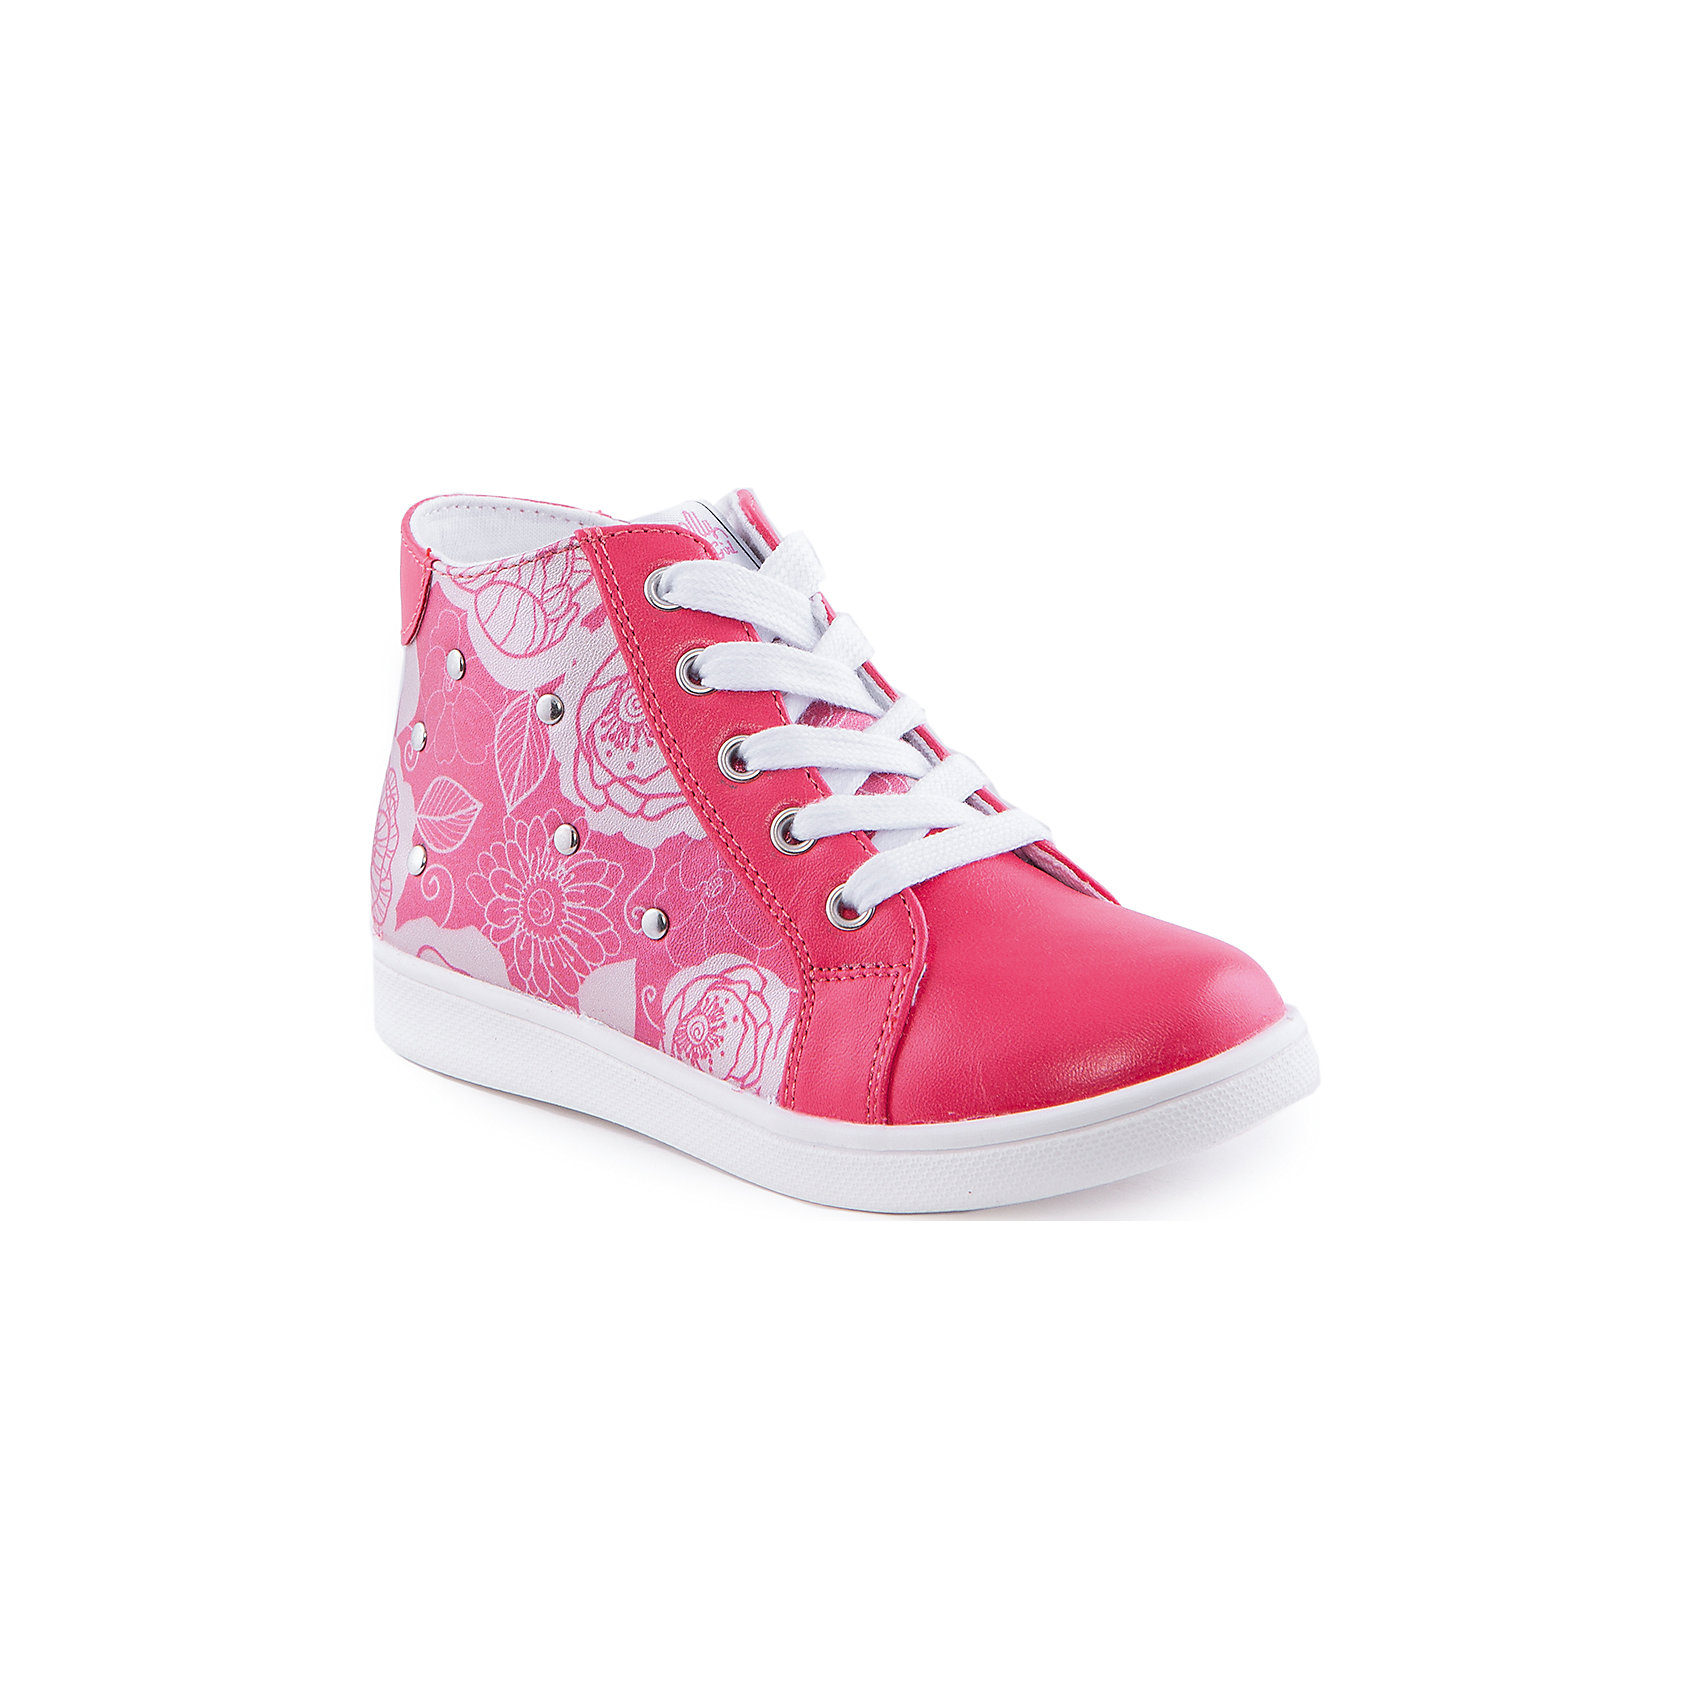 Ботинки для девочки Indigo kidsБотинки<br>Ботинки для девочки от известного бренда Indigo kids<br><br>Очень красивые нарядные ботинки могут быть и очень удобными! Яркий цвет делает эту модель стильной и привлекающей внимание. Ботинки легко надеваются благодаря шнуровке и молнии и комфортно садятся по ноге. <br><br>Особенности модели:<br><br>- цвет - коралловые;<br>- стильный дизайн;<br>- удобная колодка;<br>- текстильная подкладка;<br>- украшены принтом и металлическими элементами;<br>- устойчивая подошва;<br>- задняя часть - блестящая;<br>- застежки: шнуровка, молния.<br><br>Дополнительная информация:<br><br>Температурный режим:<br>от +10° С до +20° С<br><br>Состав:<br><br>верх – искусственная кожа;<br>подкладка - текстиль;<br>подошва - ТЭП.<br><br>Ботинки для девочки Indigo kids (Индиго Кидс) можно купить в нашем магазине.<br><br>Ширина мм: 262<br>Глубина мм: 176<br>Высота мм: 97<br>Вес г: 427<br>Цвет: красный<br>Возраст от месяцев: 36<br>Возраст до месяцев: 48<br>Пол: Женский<br>Возраст: Детский<br>Размер: 27,26,31,30,29,28<br>SKU: 4520076